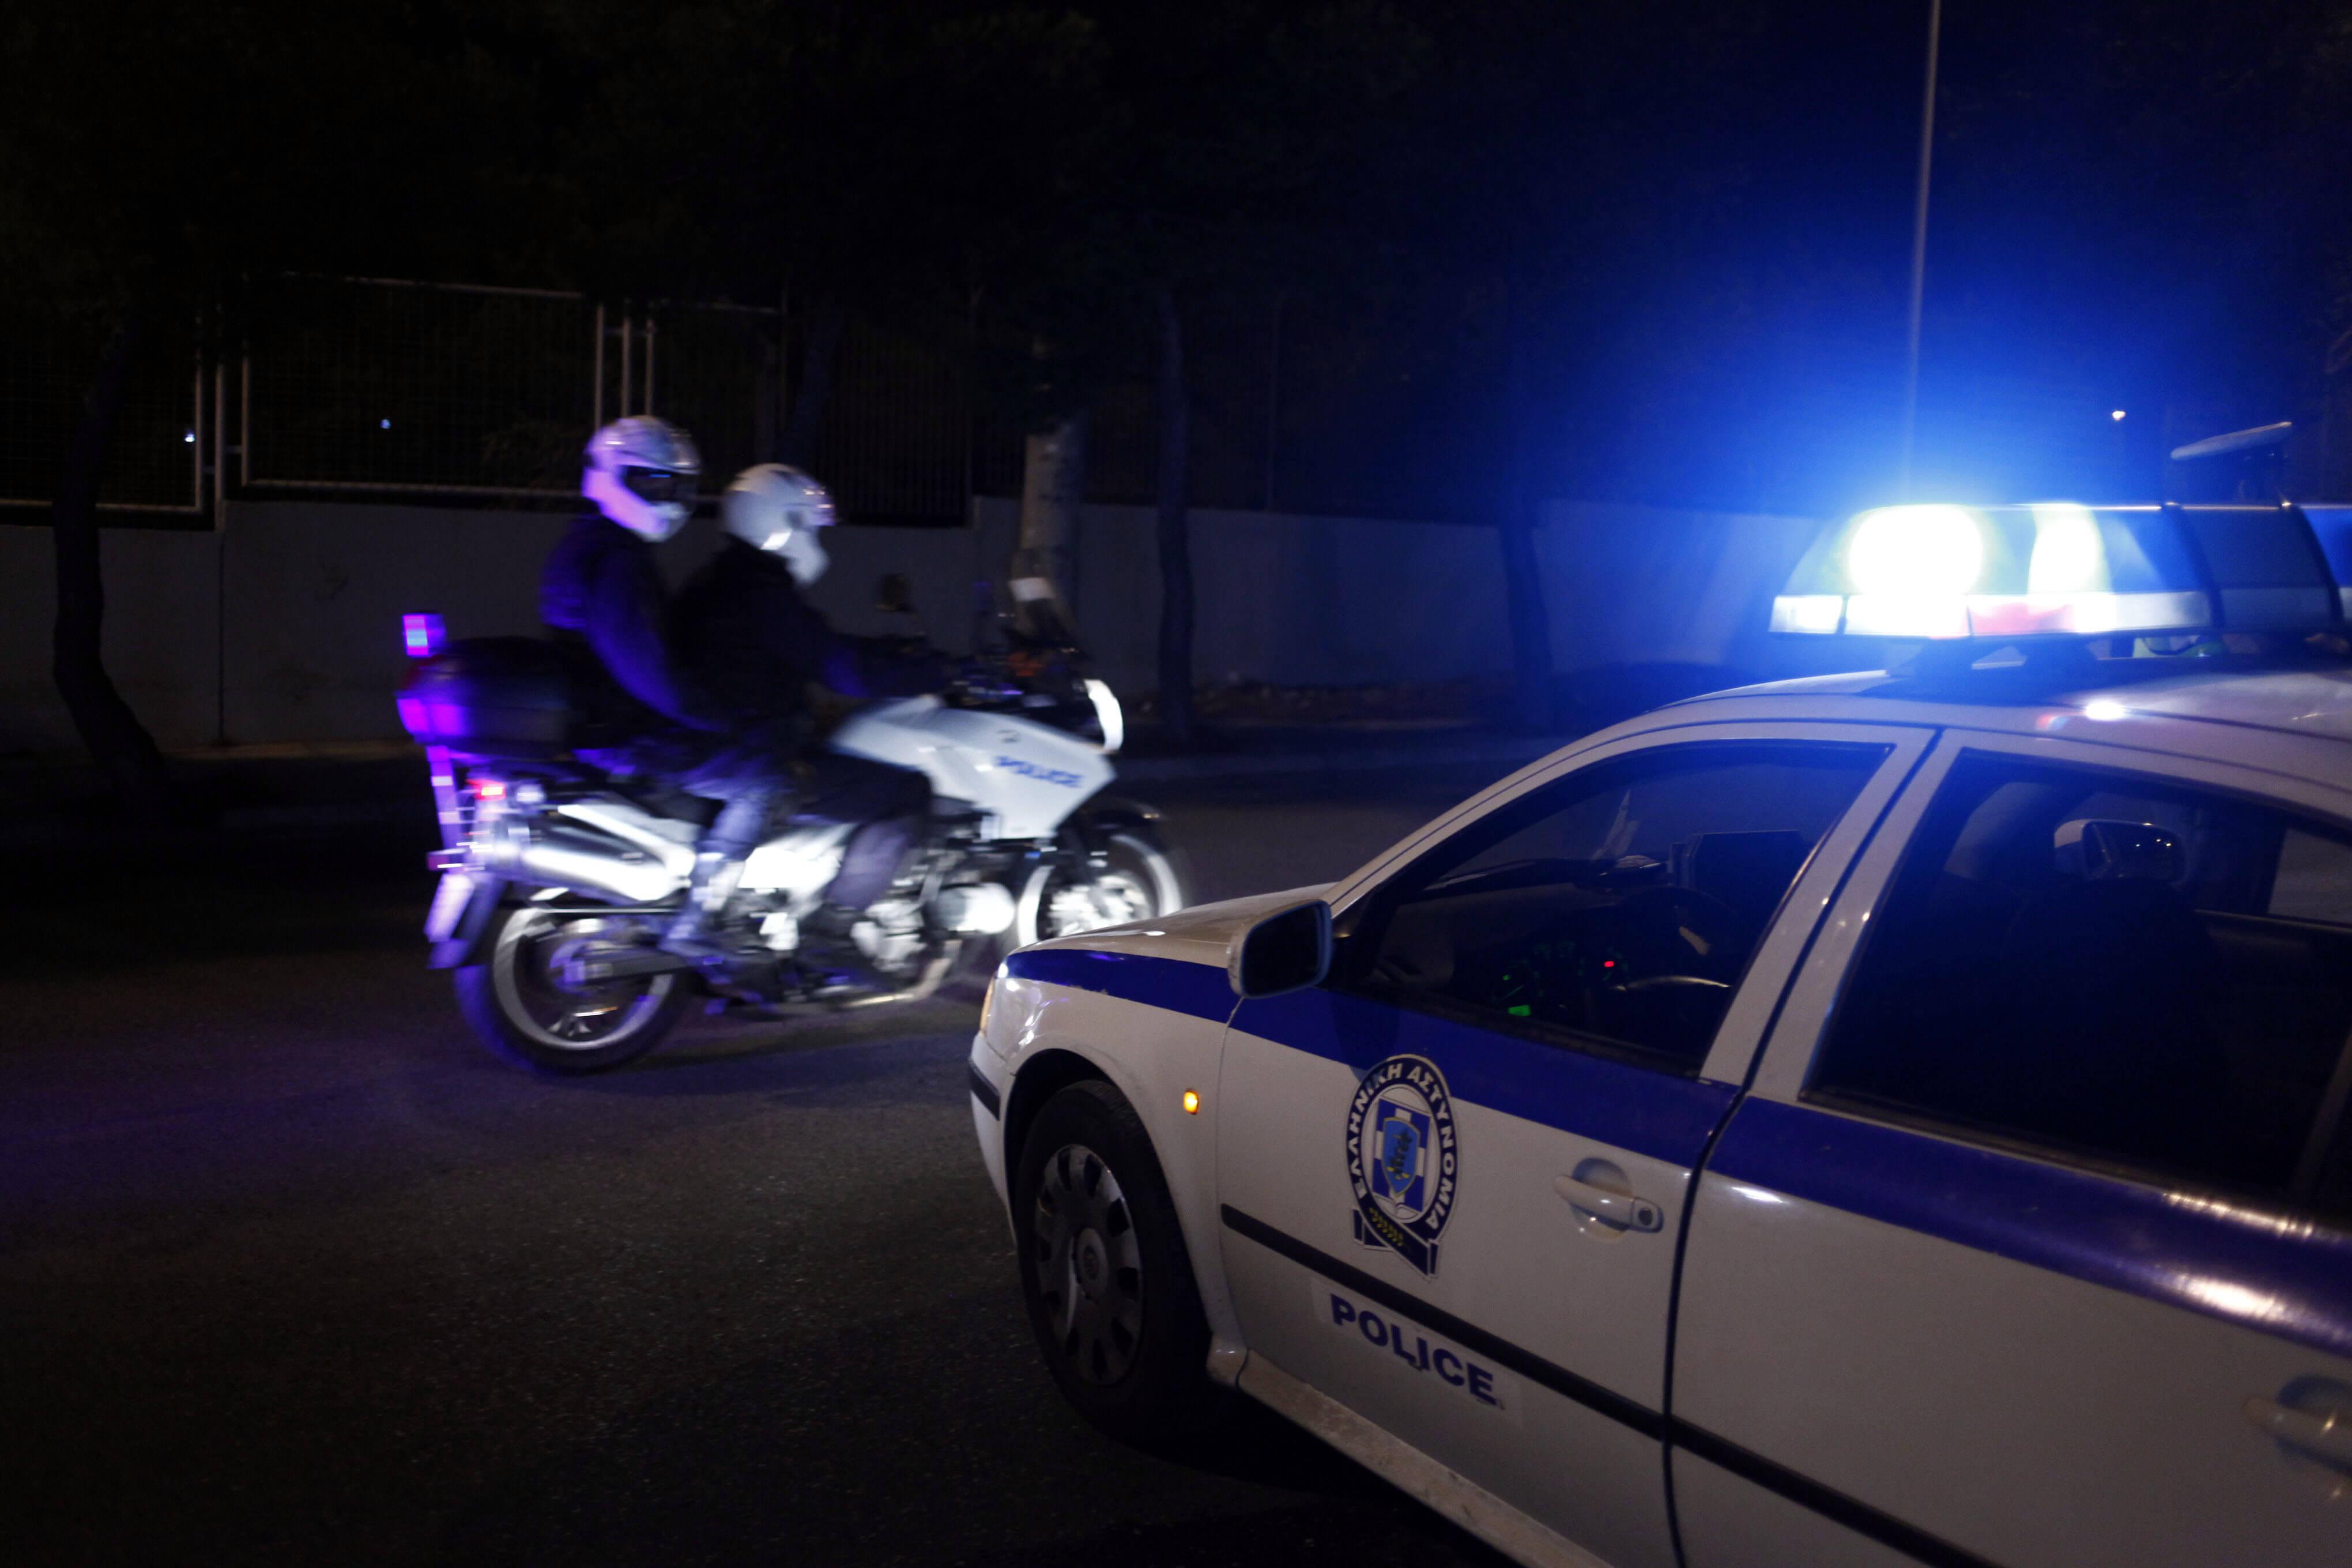 Ηράκλειο: Οδηγός παρέσυρε 13χρονο και τον εγκατέλειψε!